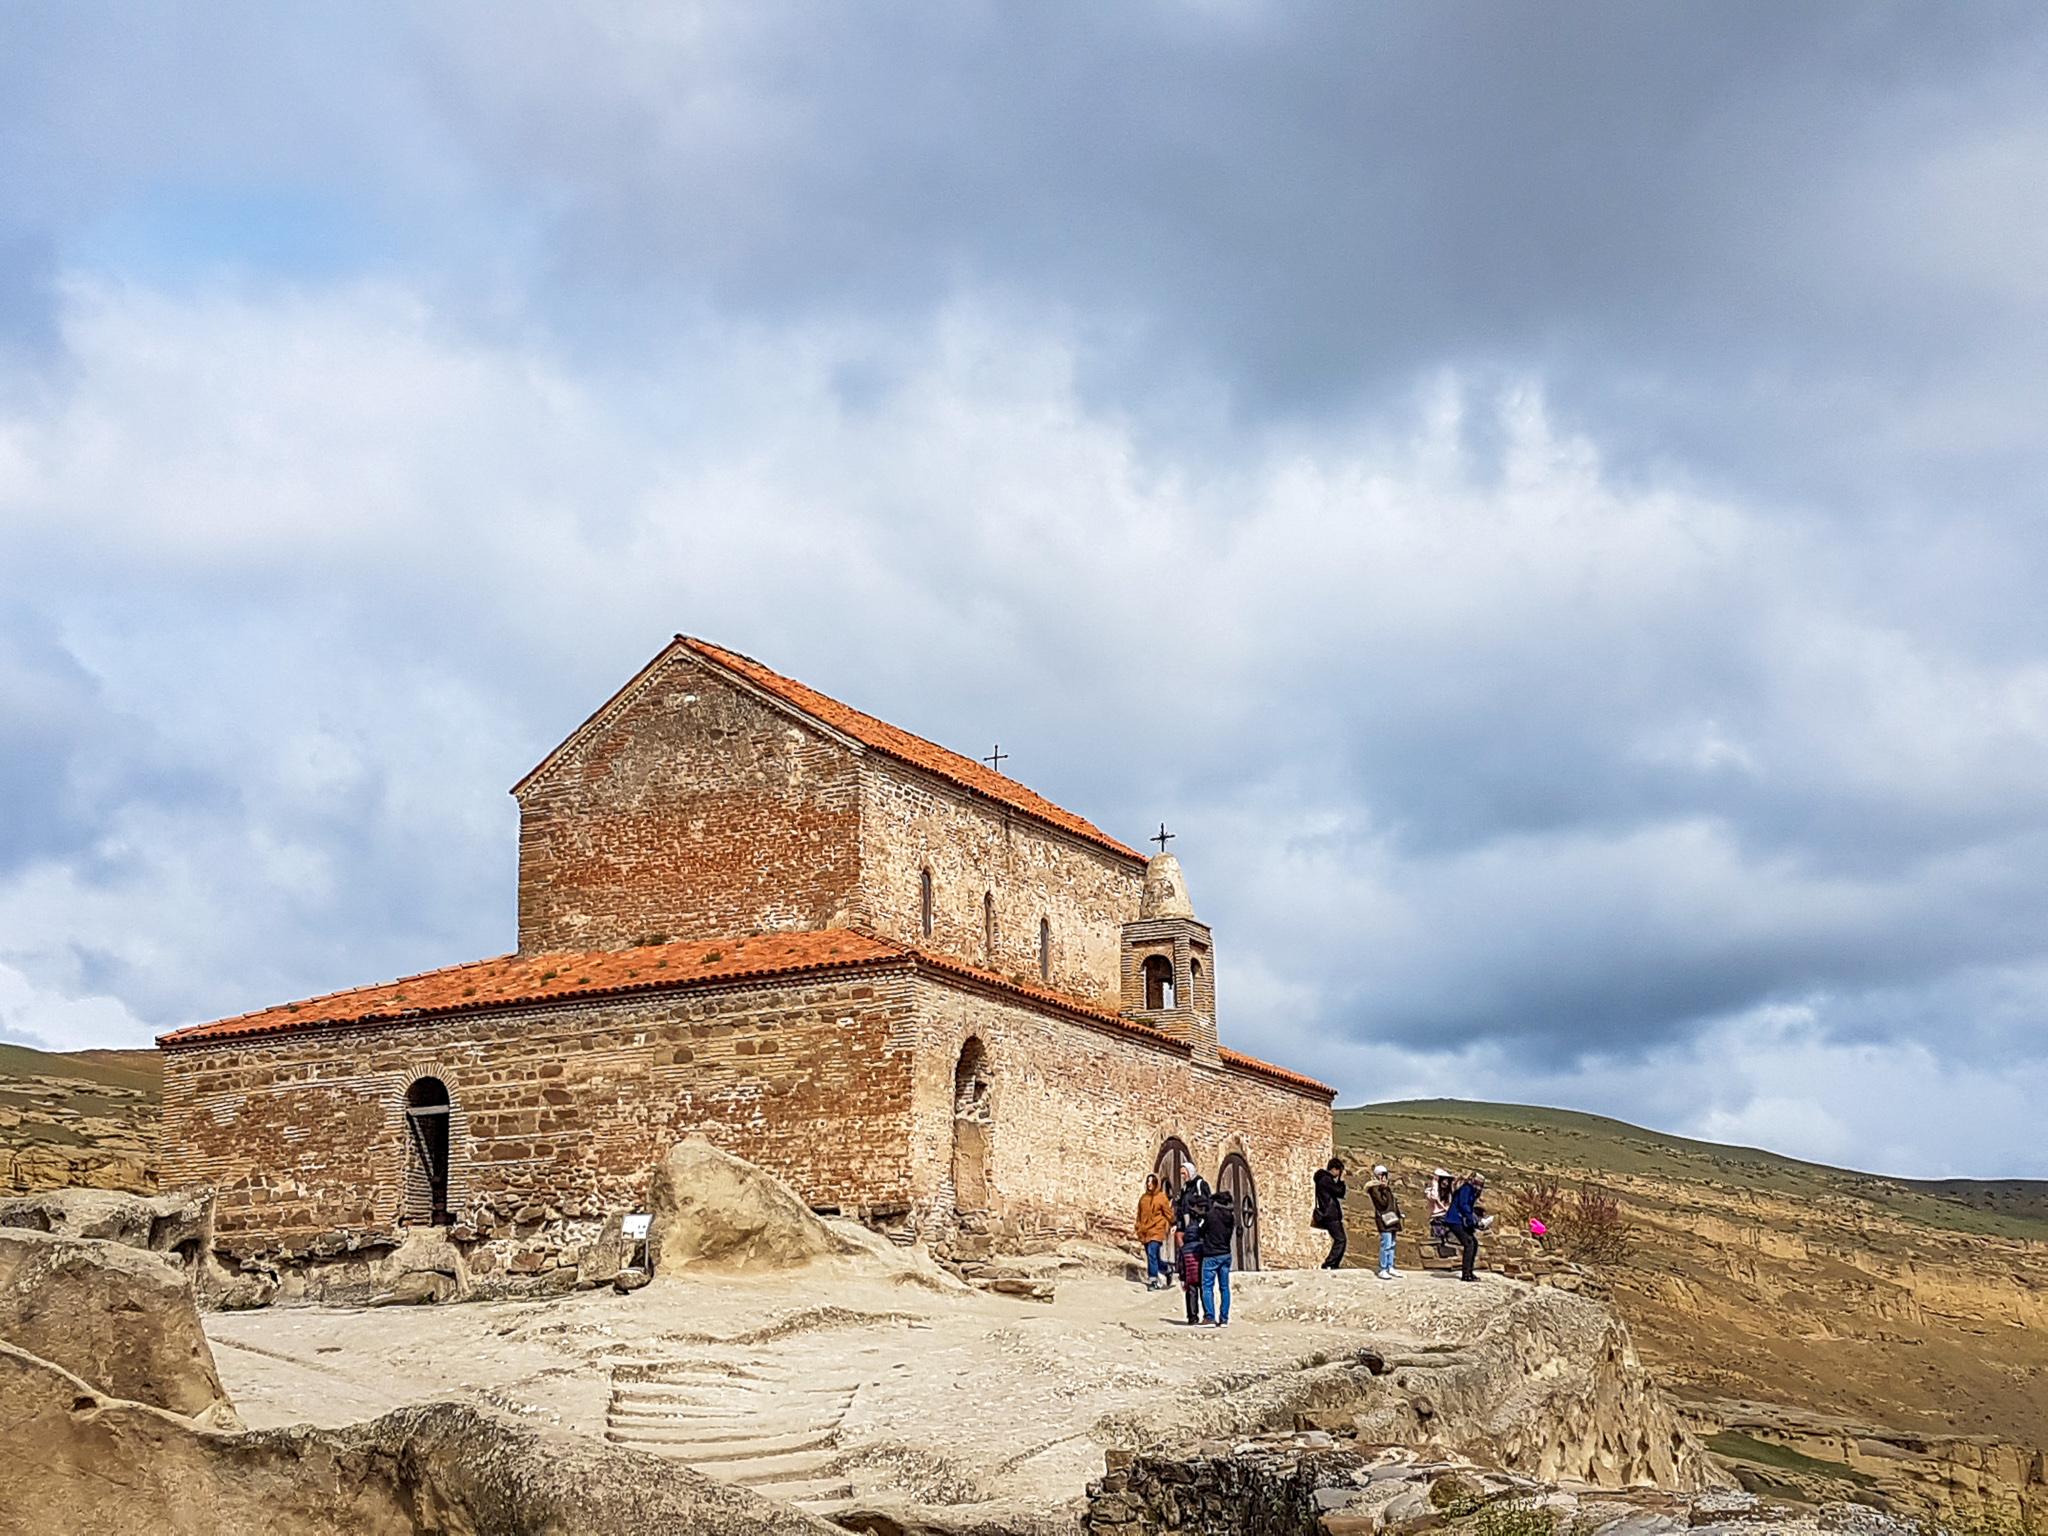 Grottstaden  Uplistsikhe  i Georgien väntas bli ett av UNESCOs världsarv inom kort.